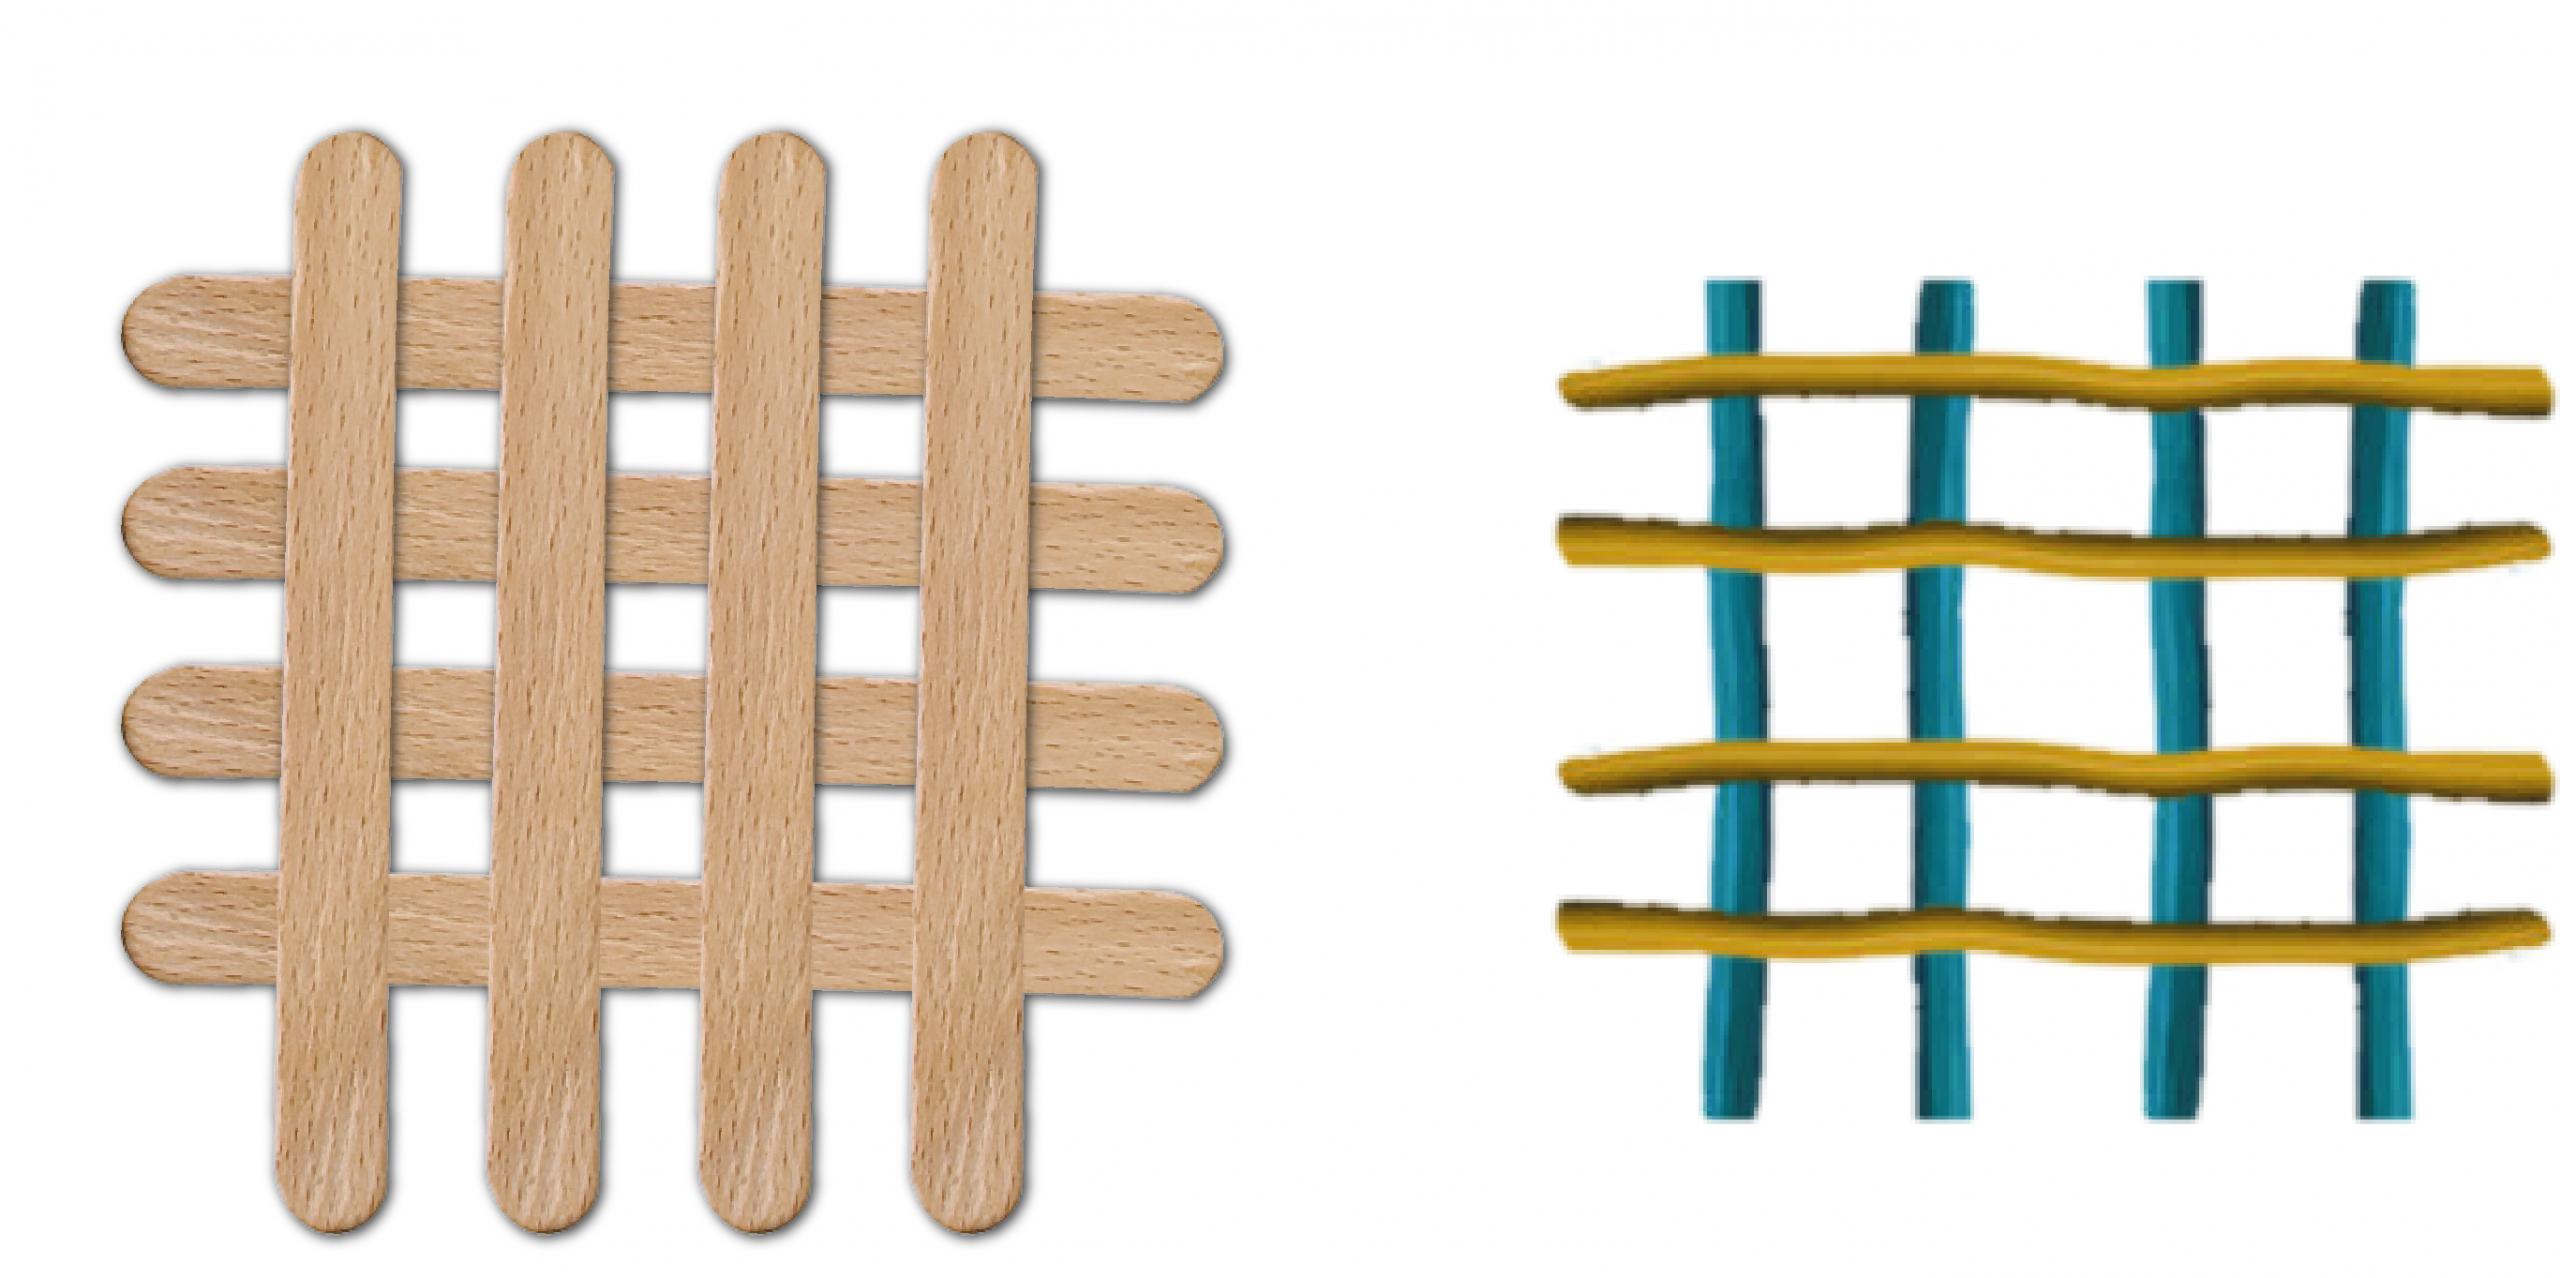 Graphisme Ms Quadrillage – Bâtonnets Et Pâte À Modeler tout Quadrillage Moyenne Section